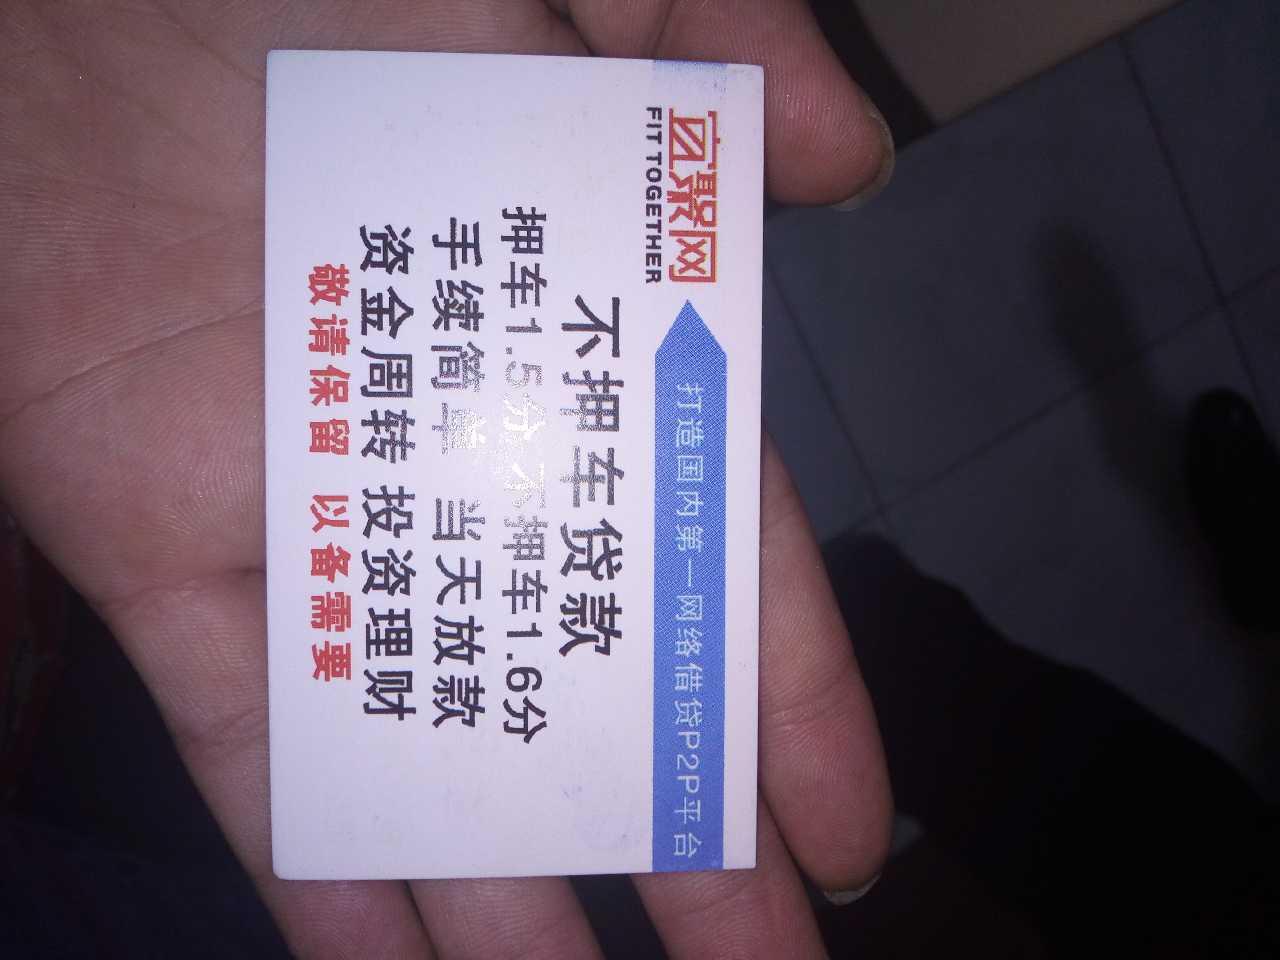 来自李顺龙发布的供应信息:押车不押车业务,押车1.5分,不押车1.... - 深圳宜聚网